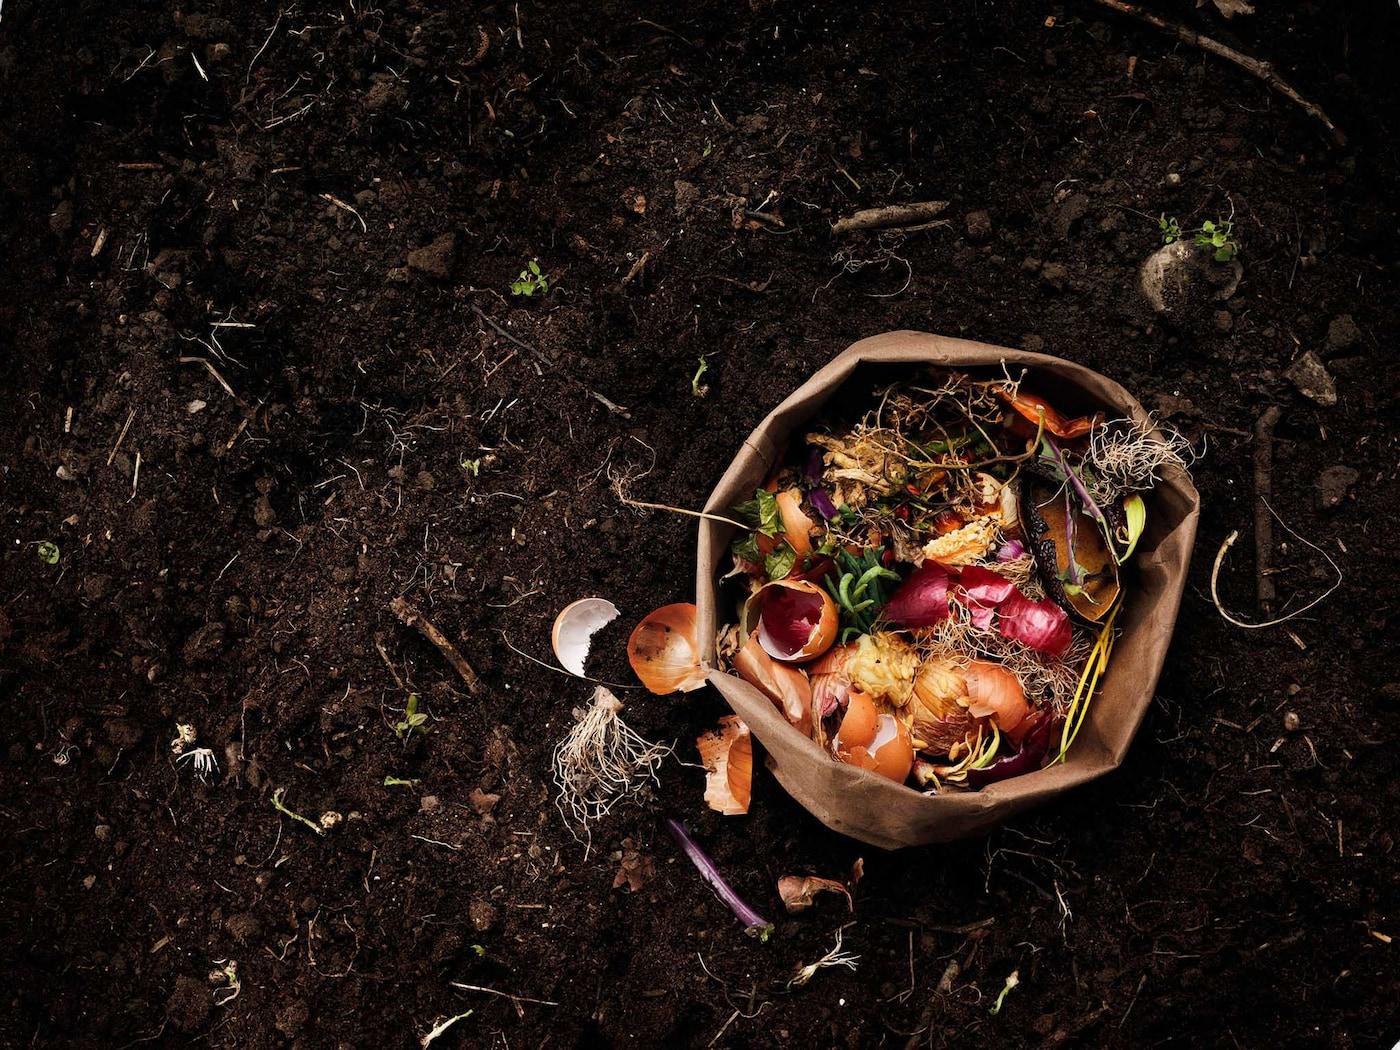 Kompost s papírovým sáčkem bioodpadků z kuchyně.